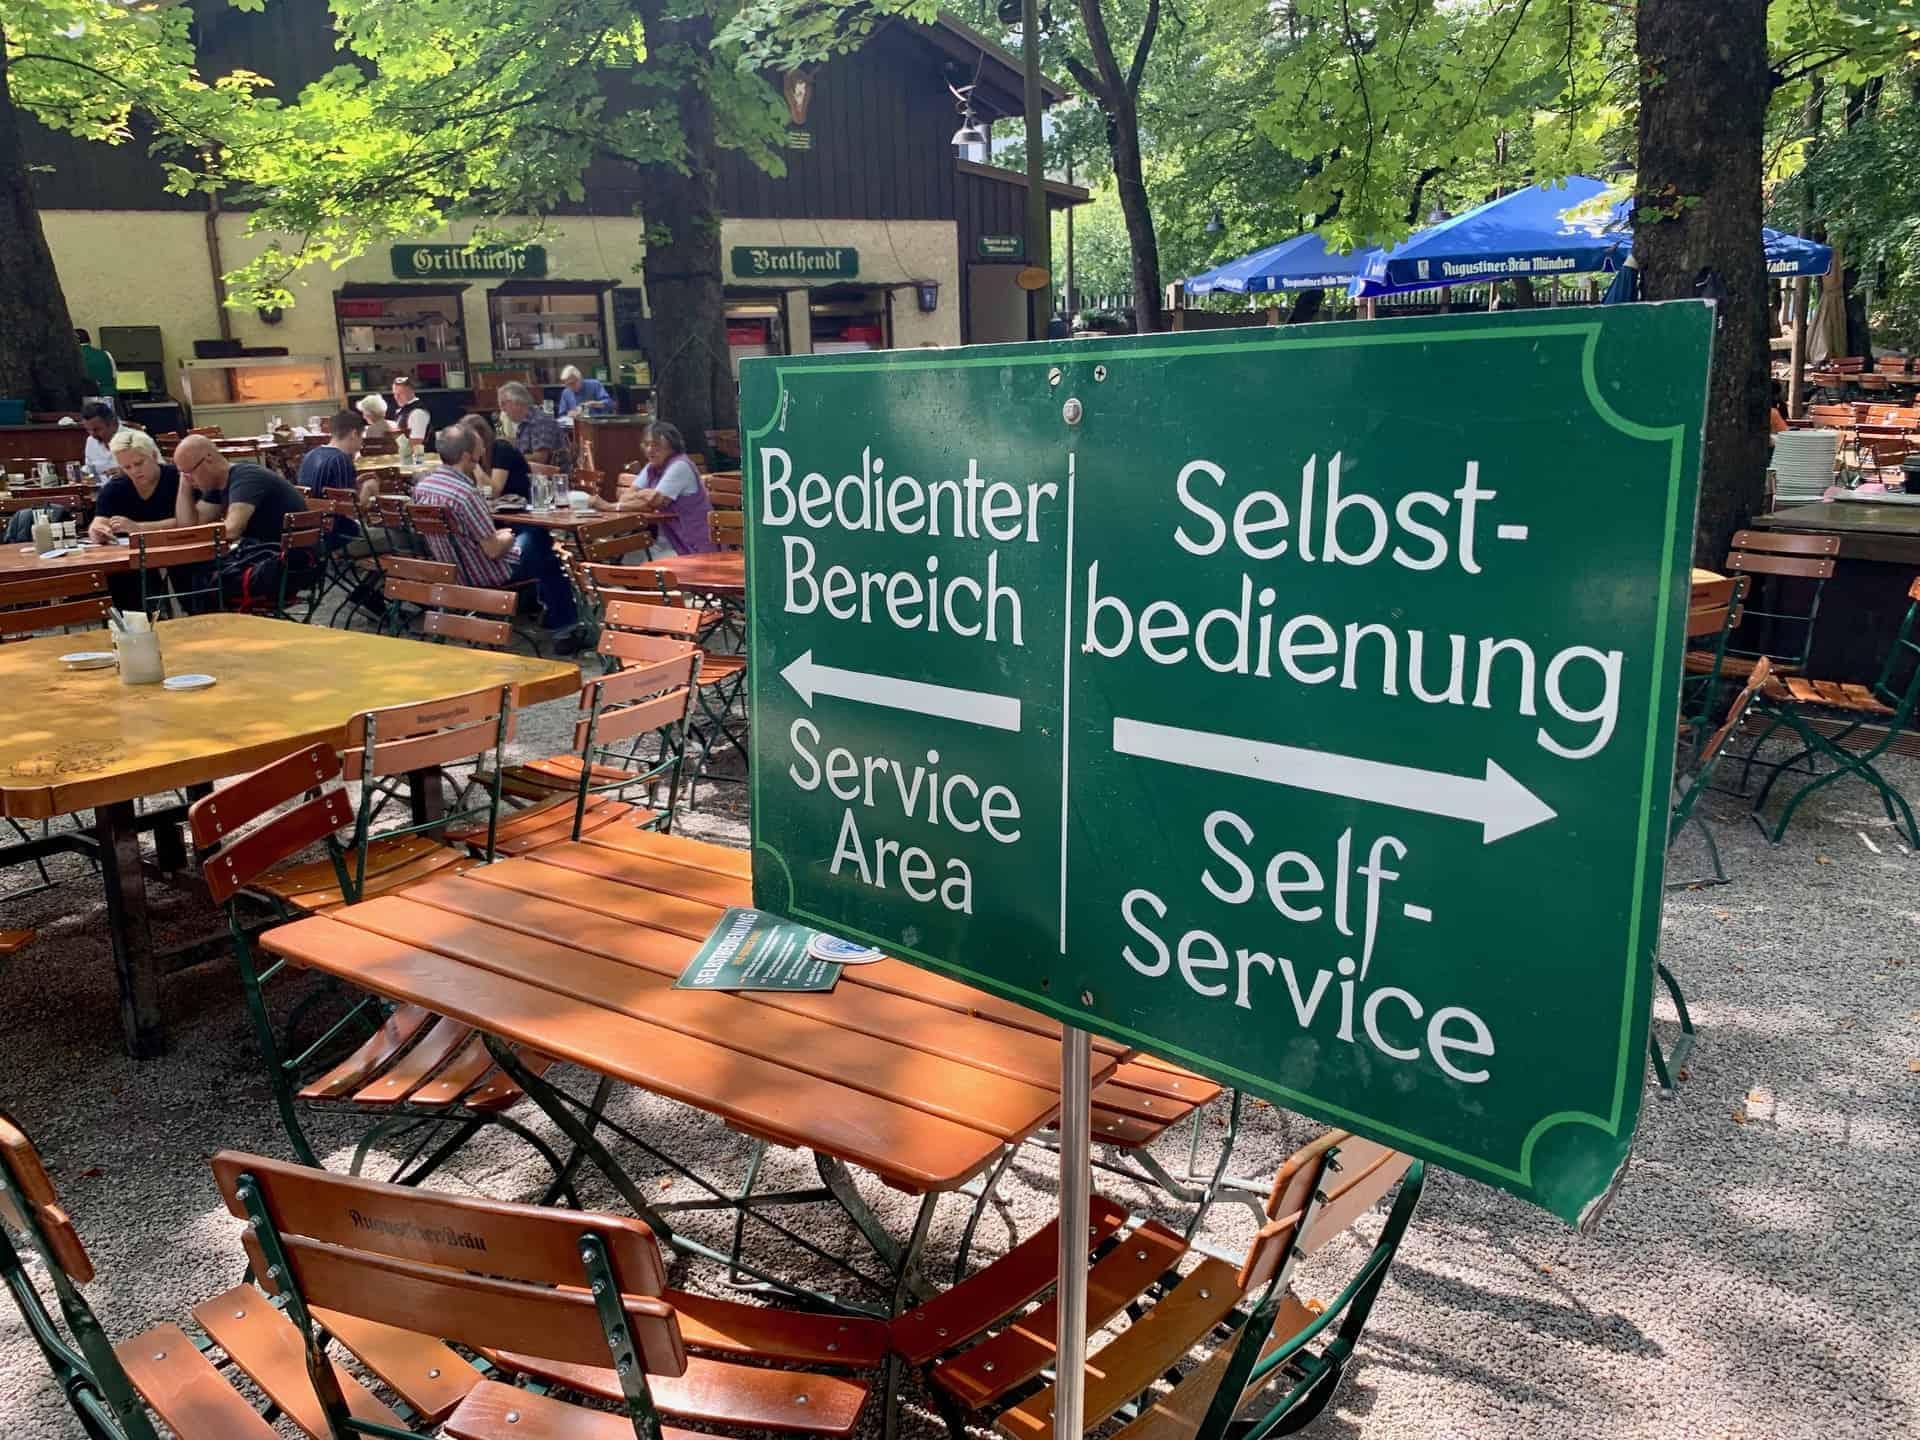 München_Biergarten_Augustiner_Bedienung_Selbstbedienung